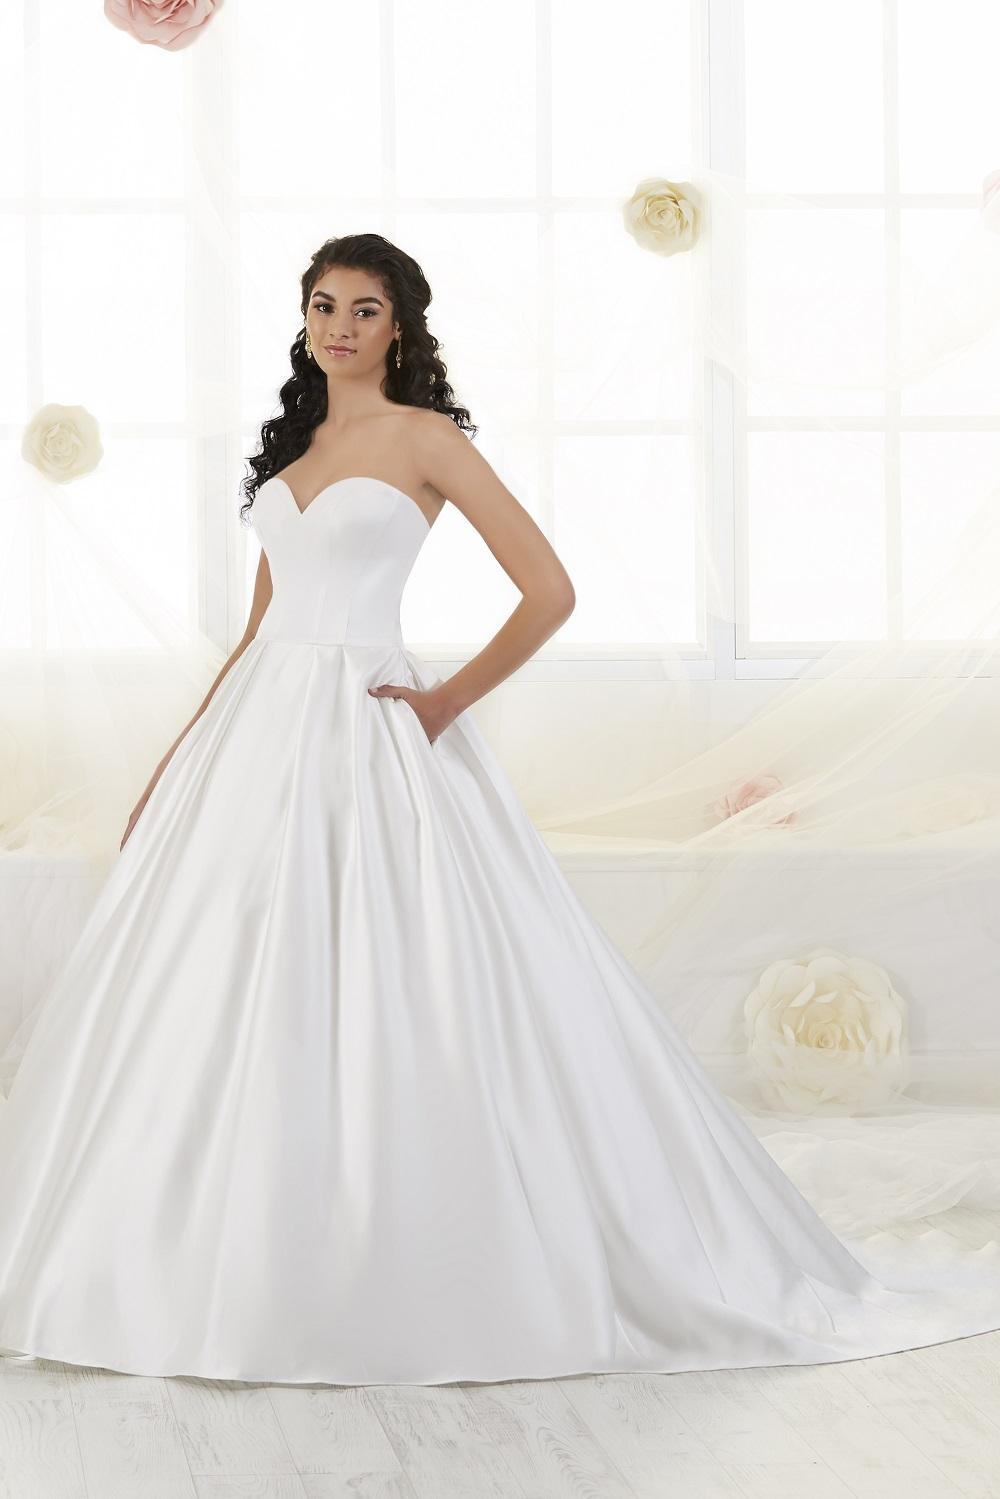 bridal-gowns-jacquelin-bridals-canada-26300